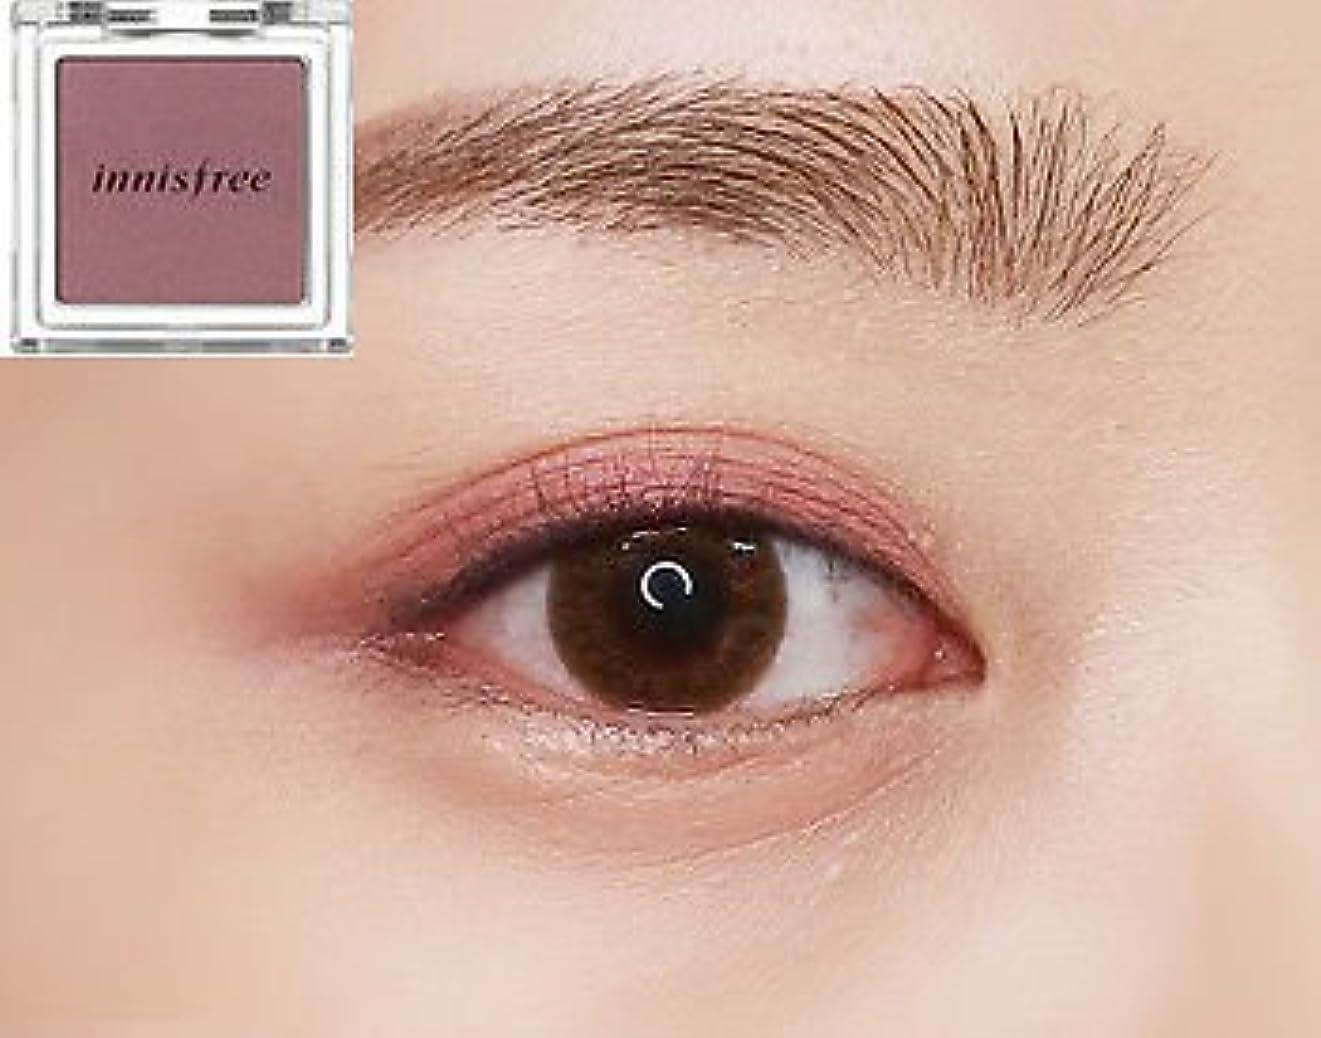 俳優霊私たちの[イニスフリー] innisfree [マイ パレット マイ アイシャドウ (シマ一) 39カラー] MY PALETTE My Eyeshadow (Shimmer) 39 Shades [海外直送品] (シマ一 #19)